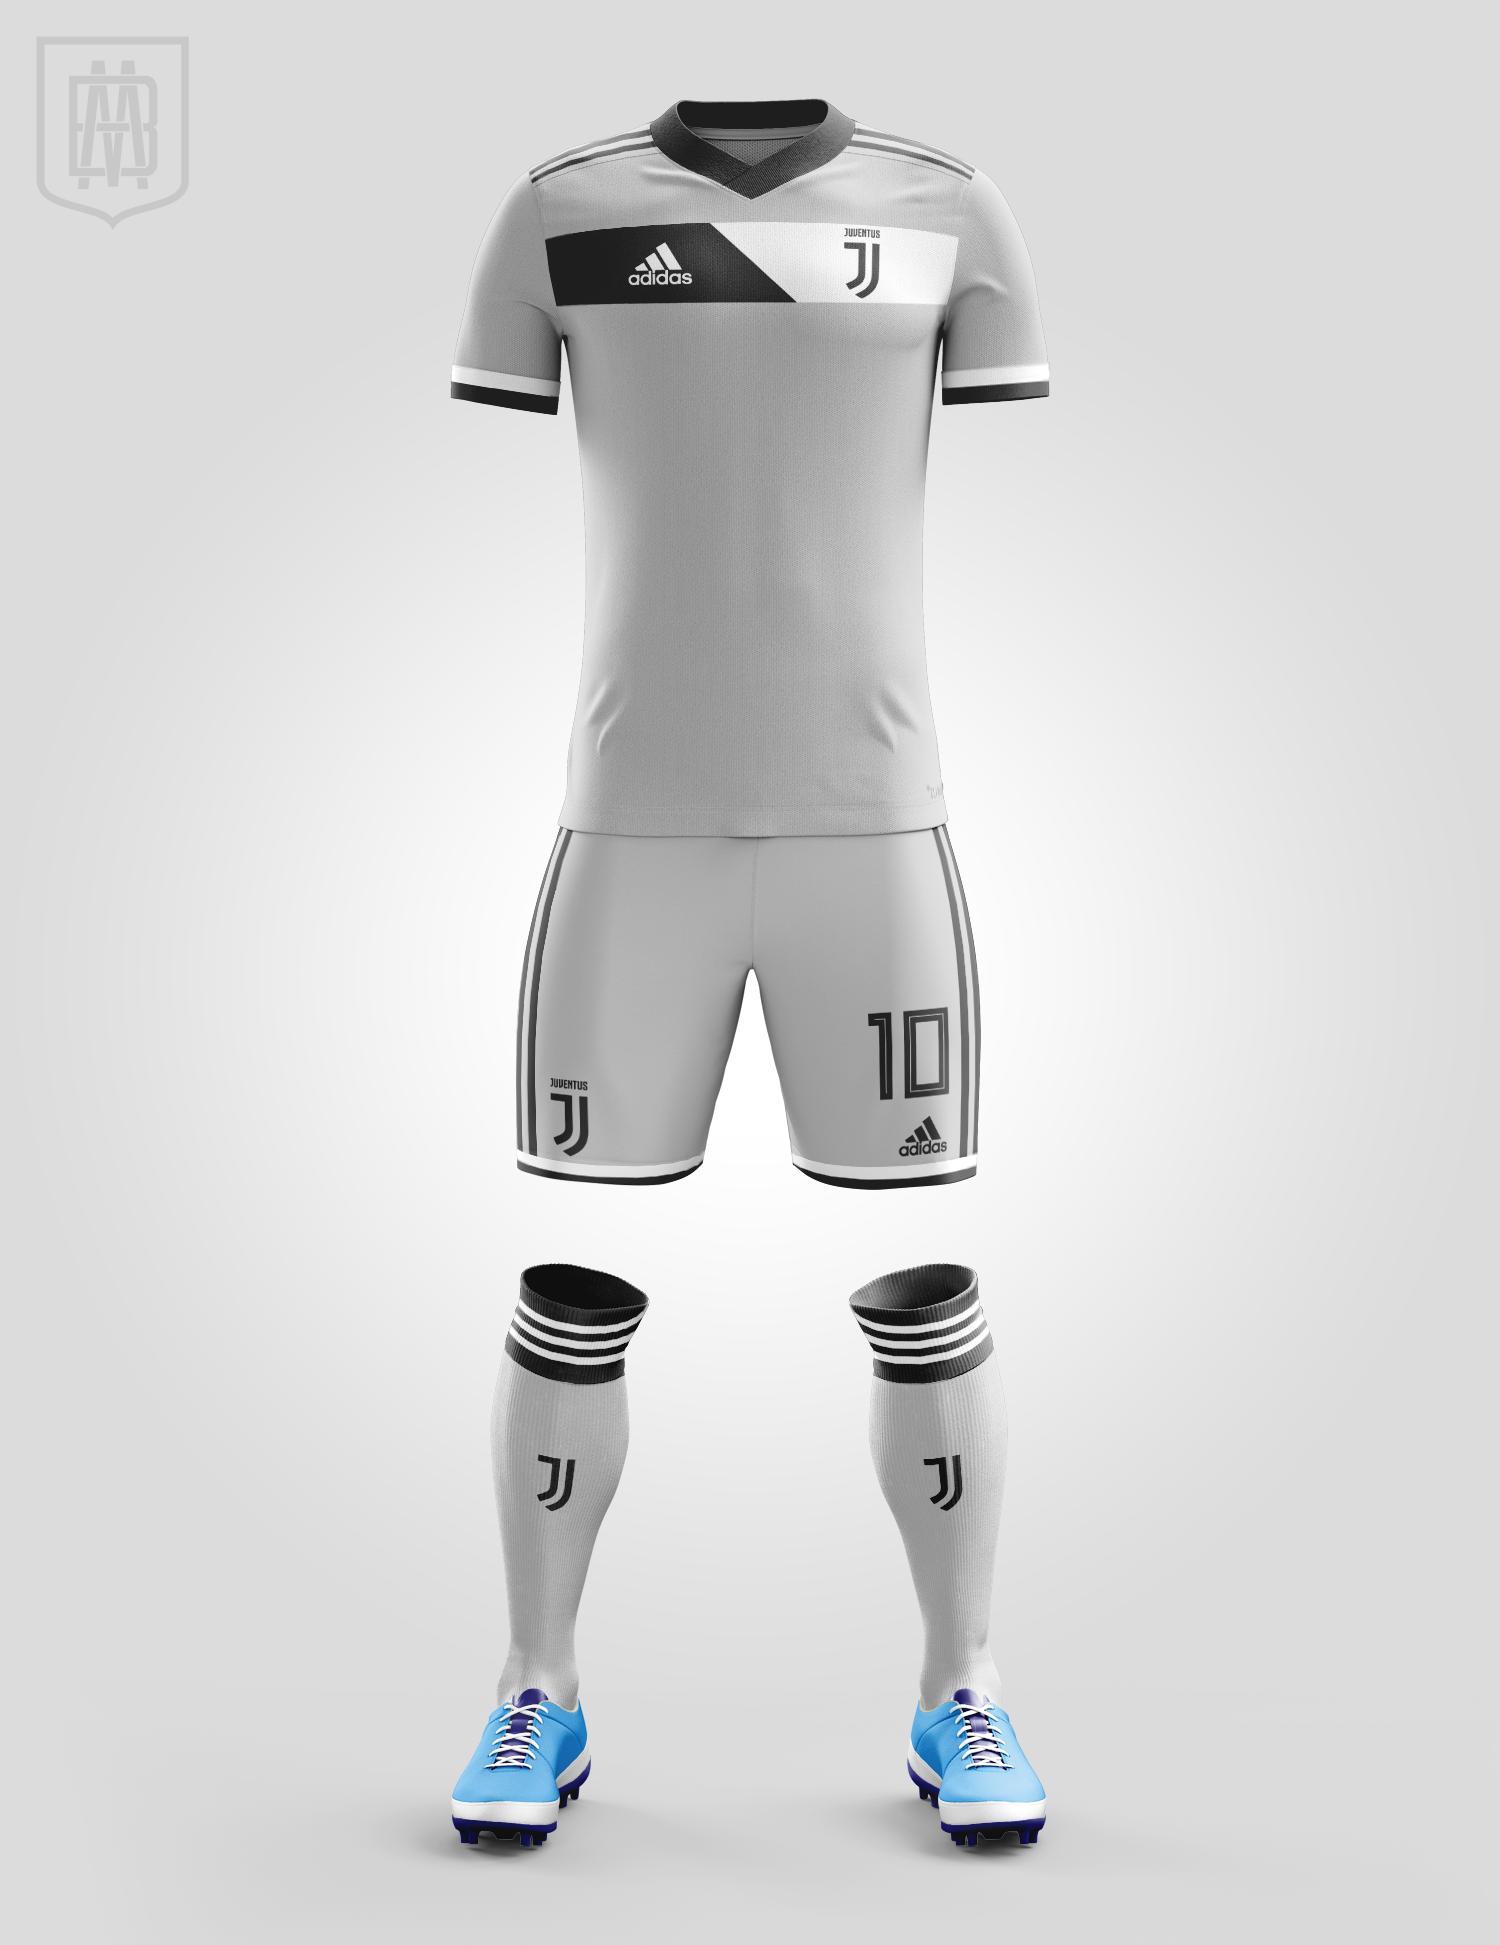 c5e5e7f76b Juventus kit